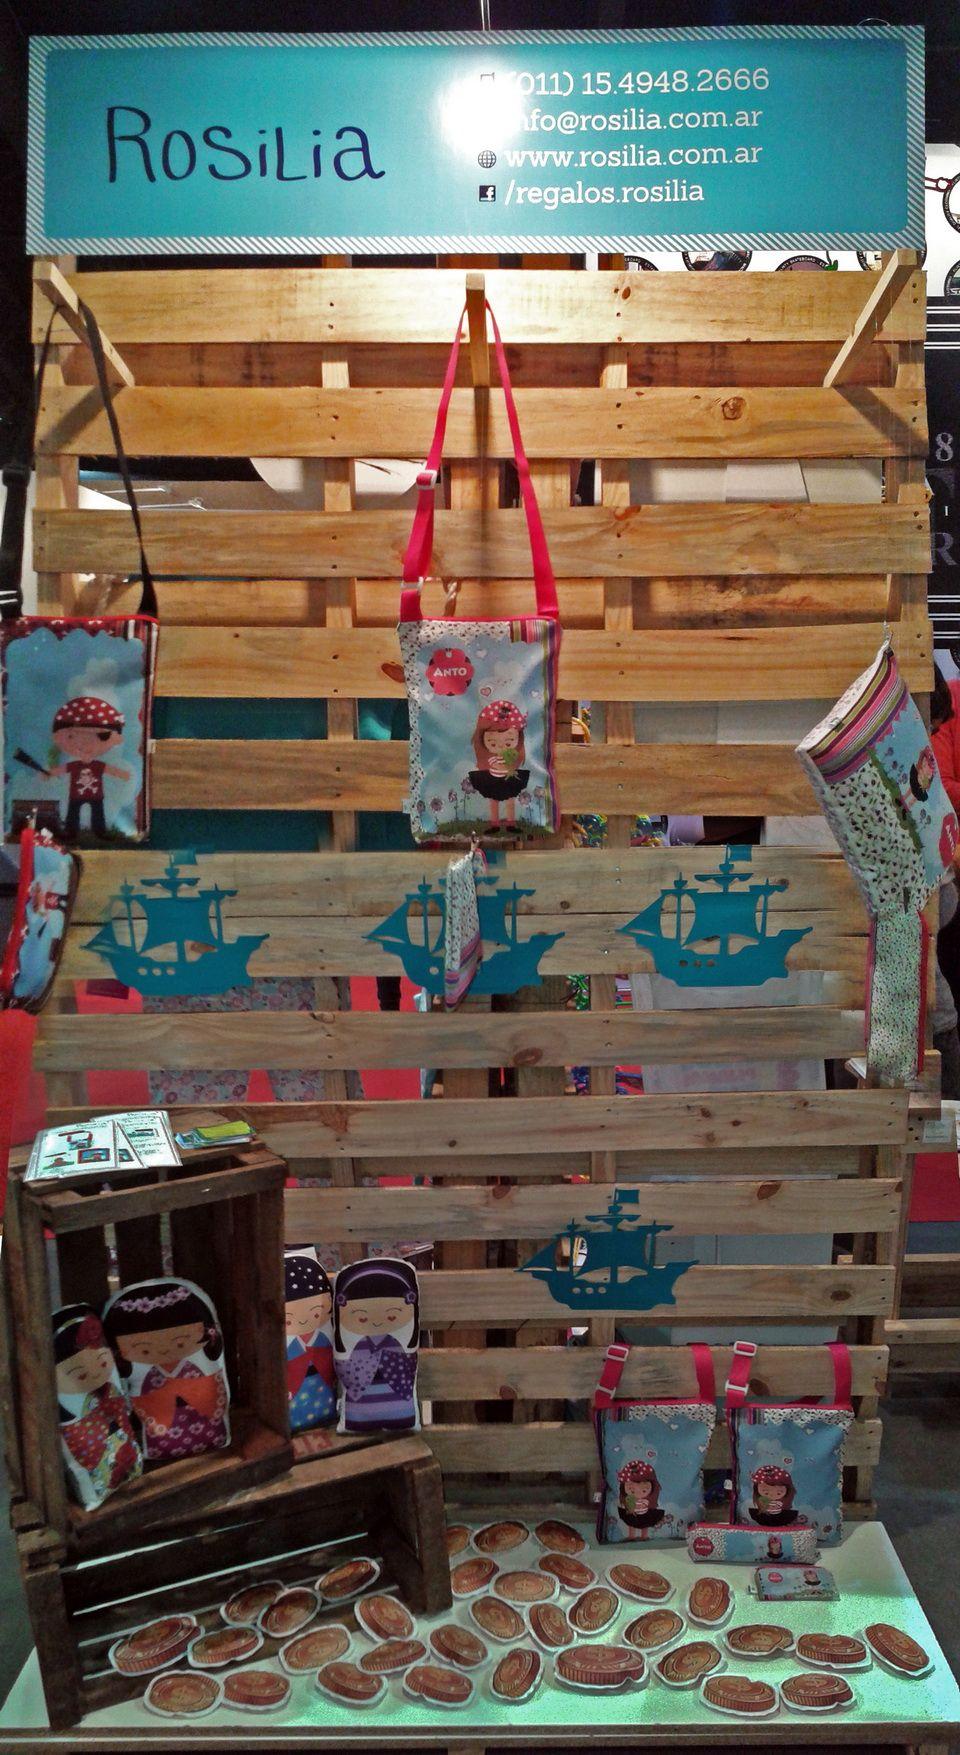 ROSILIA: Stand Nº 659 dedicado a Eco-diseño Infantil y Emprendedores infantiles